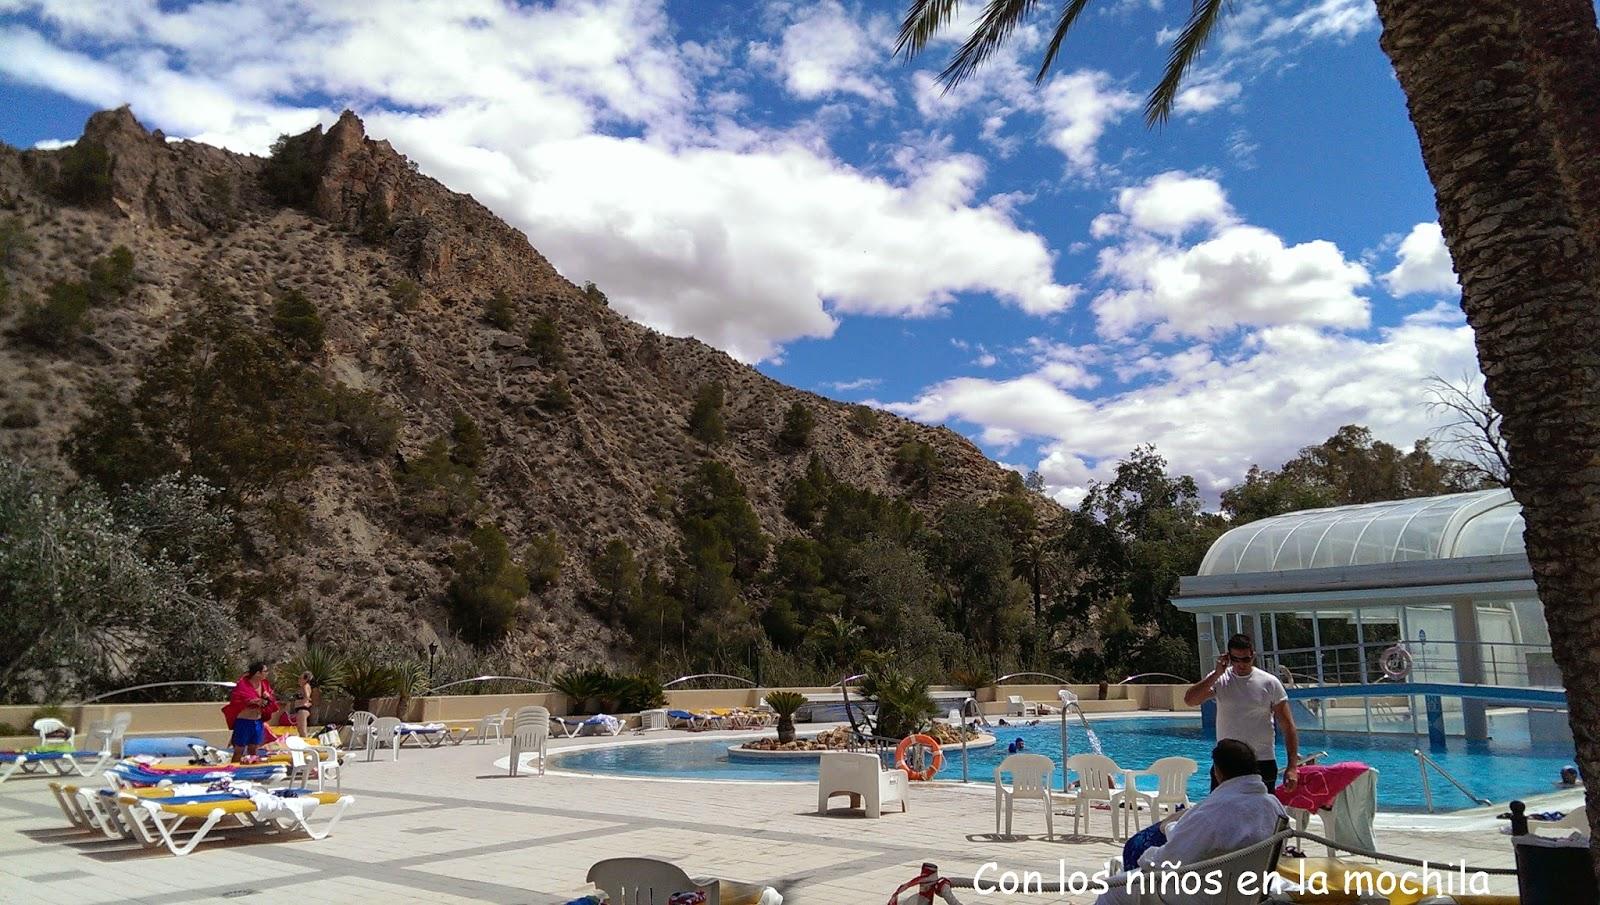 Baños Termales Ninos:Balneario de Archena: Aguas termales en familia